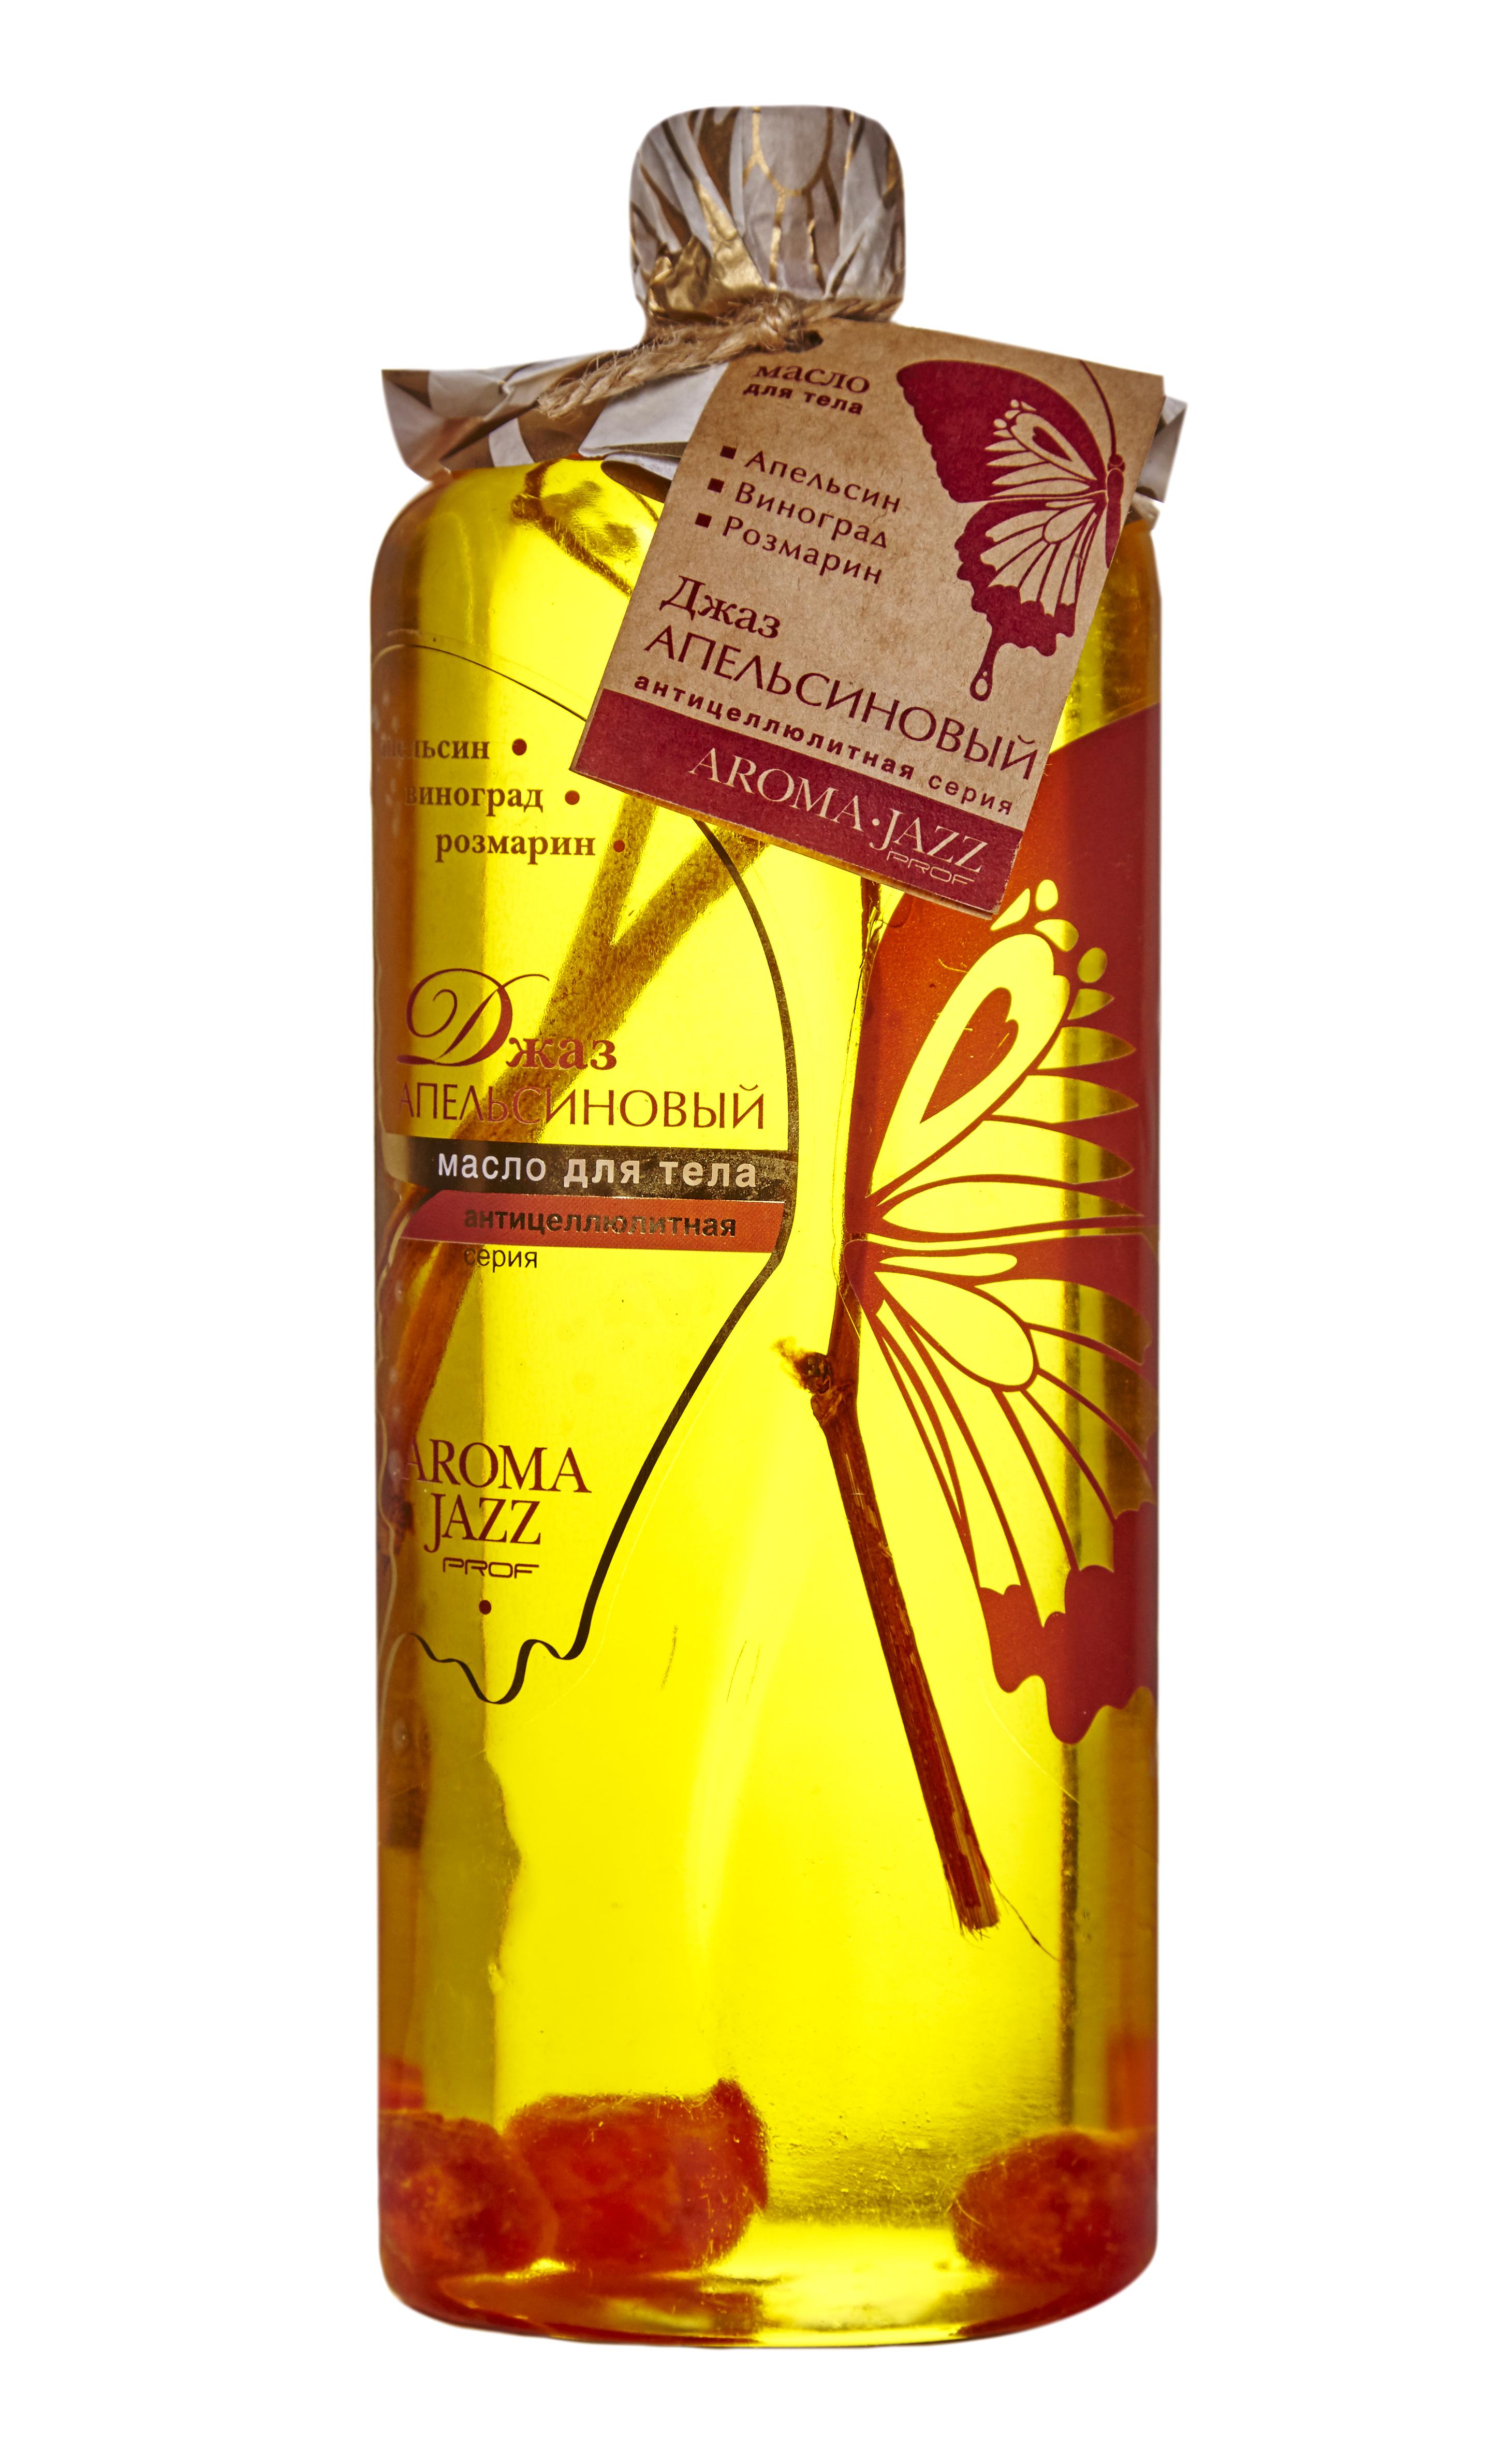 AROMA JAZZ Масло массажное жидкое для тела Апельсиновый джаз 1000млМасла<br>Масло апельсина - непревзойденное антицеллюлитное средство. Оно повышает упругость, снимает воспаление, стимулирует восстановление кожи при ожогах и экземах. Активизация кровотока делает апельсиновое масло хорошим средством для сухой, шершавой и ороговевшей кожи. Оно препятствует процессам старения, стимулирует вывод токсинов из организма, обладает отбеливающим действием. Пряный и бодрящий аромат апельсина  Так пахнет энергия! Пробудите ее в своем сердце, и наслаждайтесь жизнью. Она прекрасна! Активные ингредиенты: масла пальмы, кокоса, сои, из виноградных косточек, растительное с витамином Е; экстракты лимона и горчицы; эфирные масла цитронеллы, сладкого апельсина, розмарина и лимона; сыворотка апельсина. Способ применения: рекомендовано для проведения классического и баночного массажа, втирания после душа, горячих ванн и SPA-процедур в салоне и дома. Великолепно в антицеллюлитных обертываниях. Рекомендуется использовать одноразовое белье.<br><br>Объем: 1000<br>Вид средства для тела: Массажный<br>Назначение: Старение